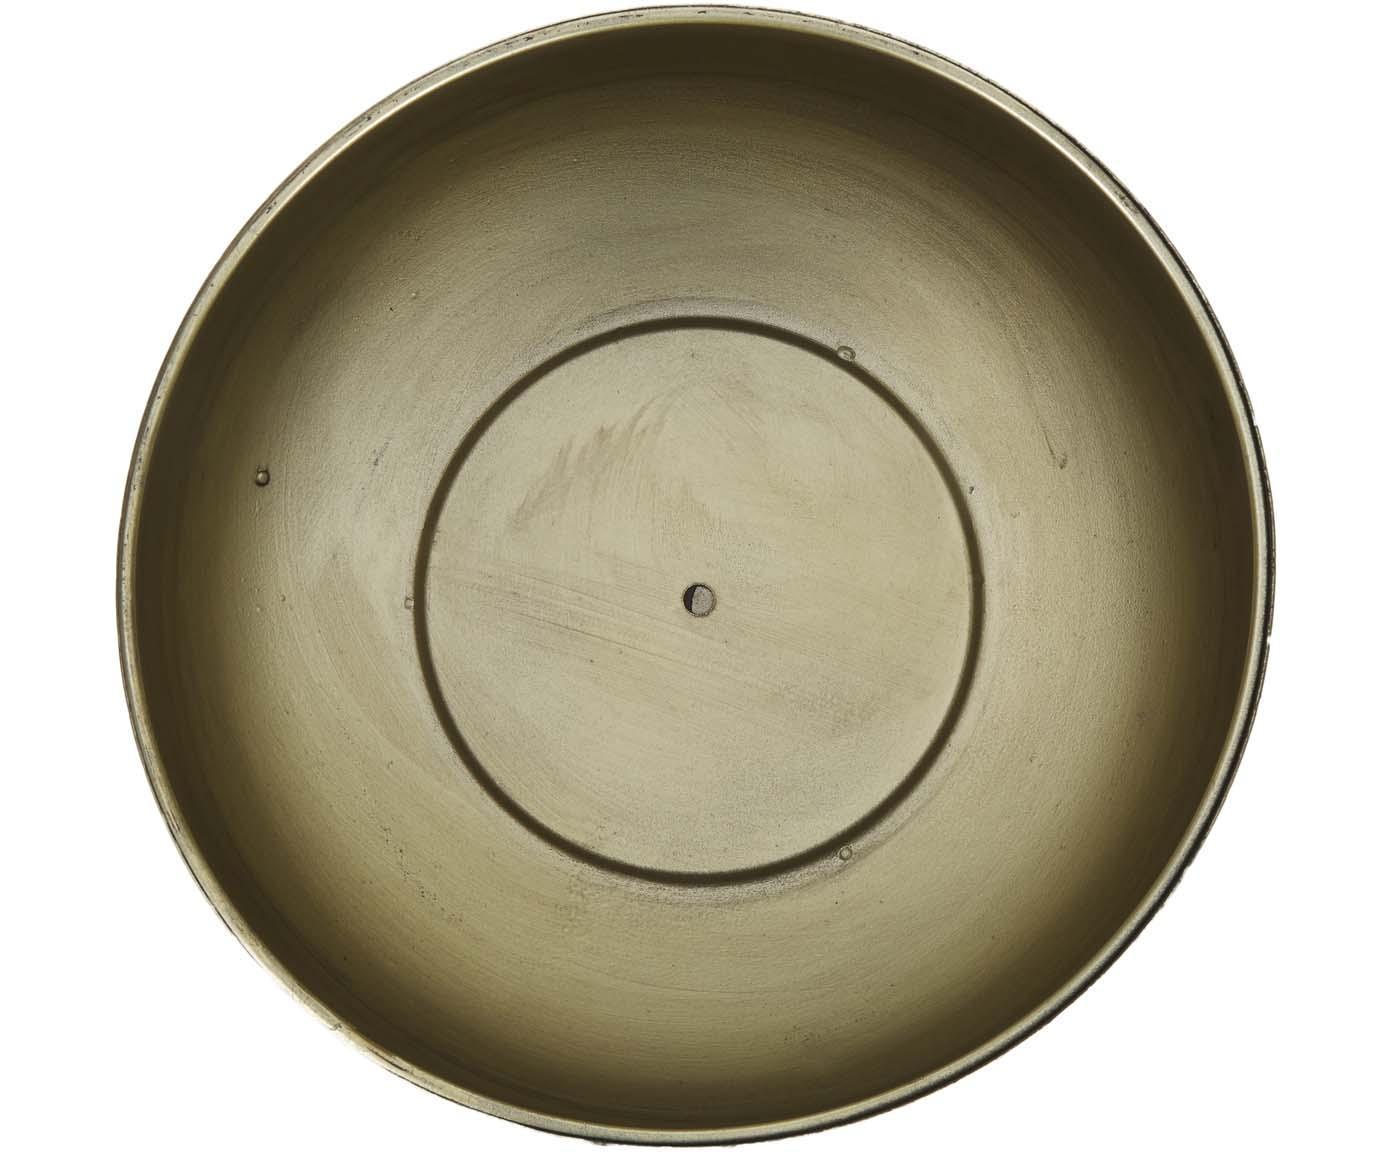 Komplet osłonek na doniczkę Chimp, 2 elem., Metal powlekany, Odcienie mosiądzu, czarny, Różne rozmiary